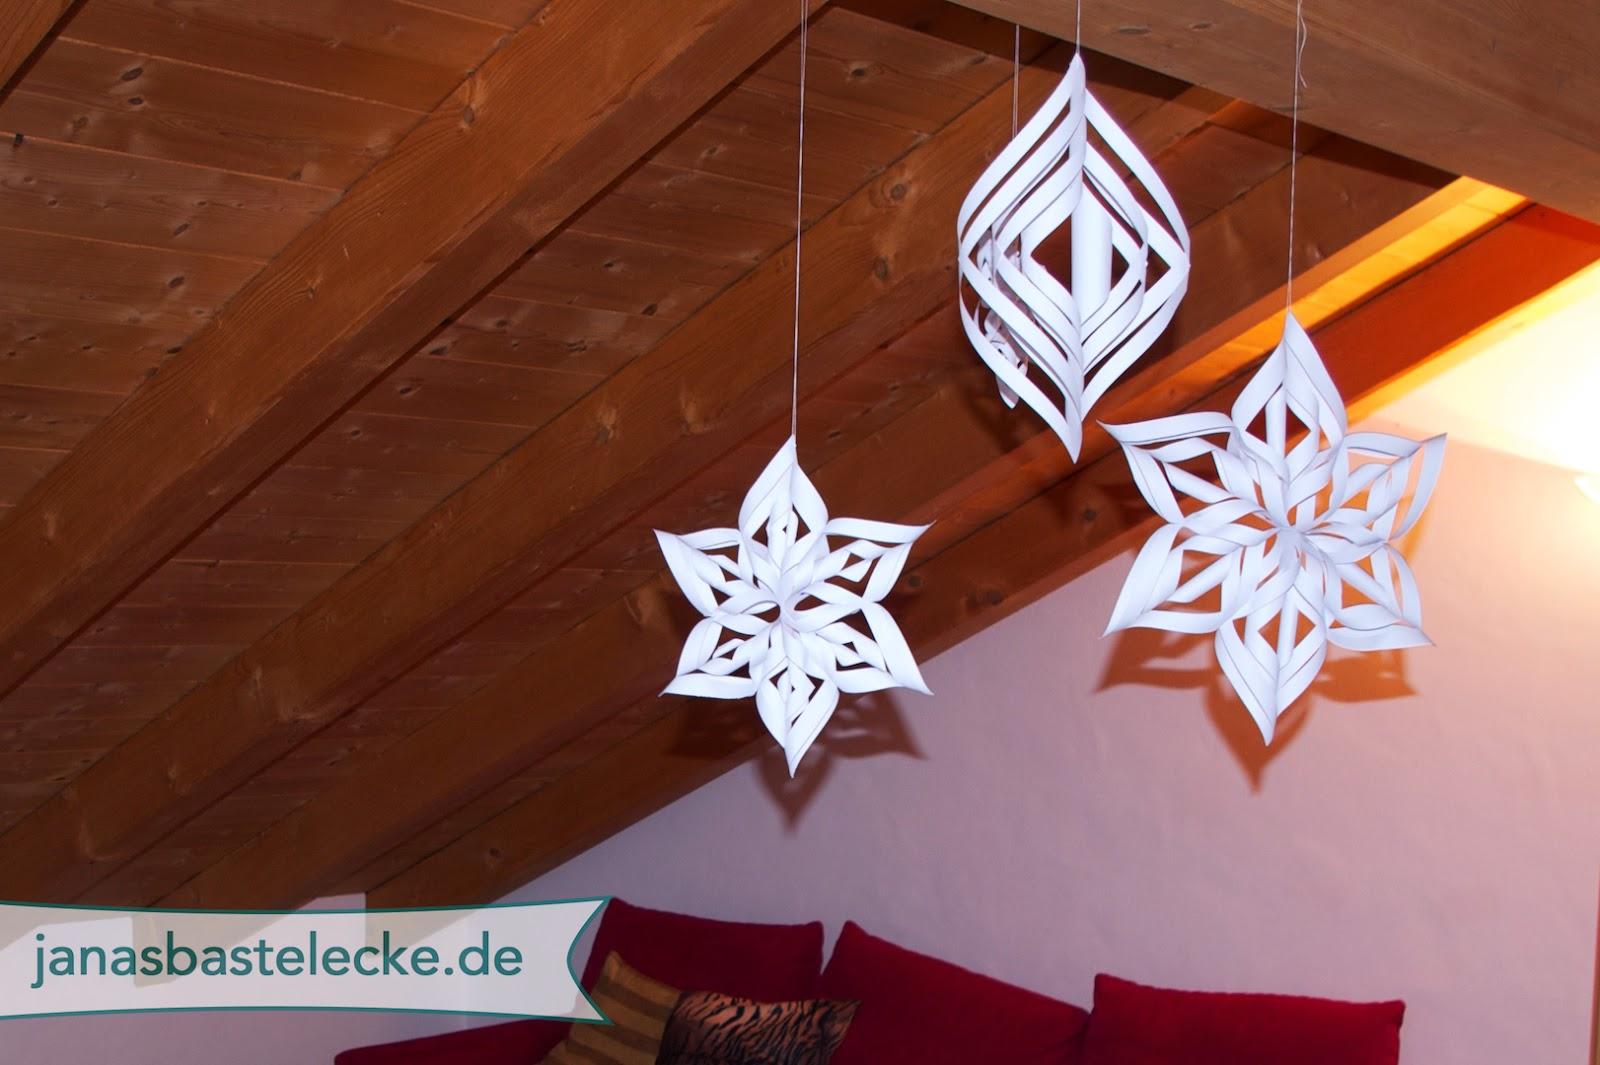 janasbastelecke 12 tage weihnachten 2014 3d schneeflocke aus papier. Black Bedroom Furniture Sets. Home Design Ideas